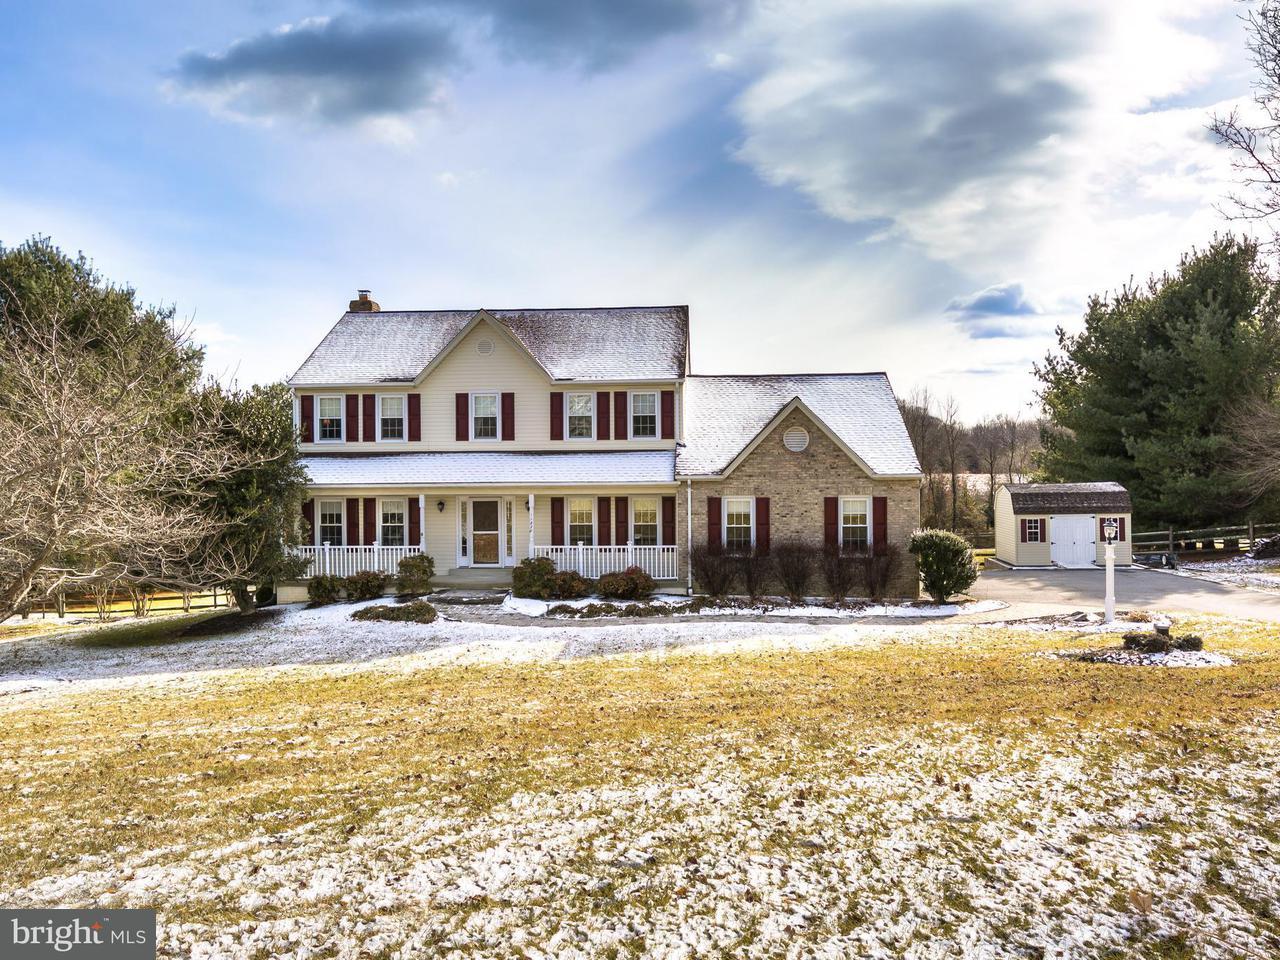 Частный односемейный дом для того Продажа на 11820 Morning Star Drive 11820 Morning Star Drive Germantown, Мэриленд 20876 Соединенные Штаты